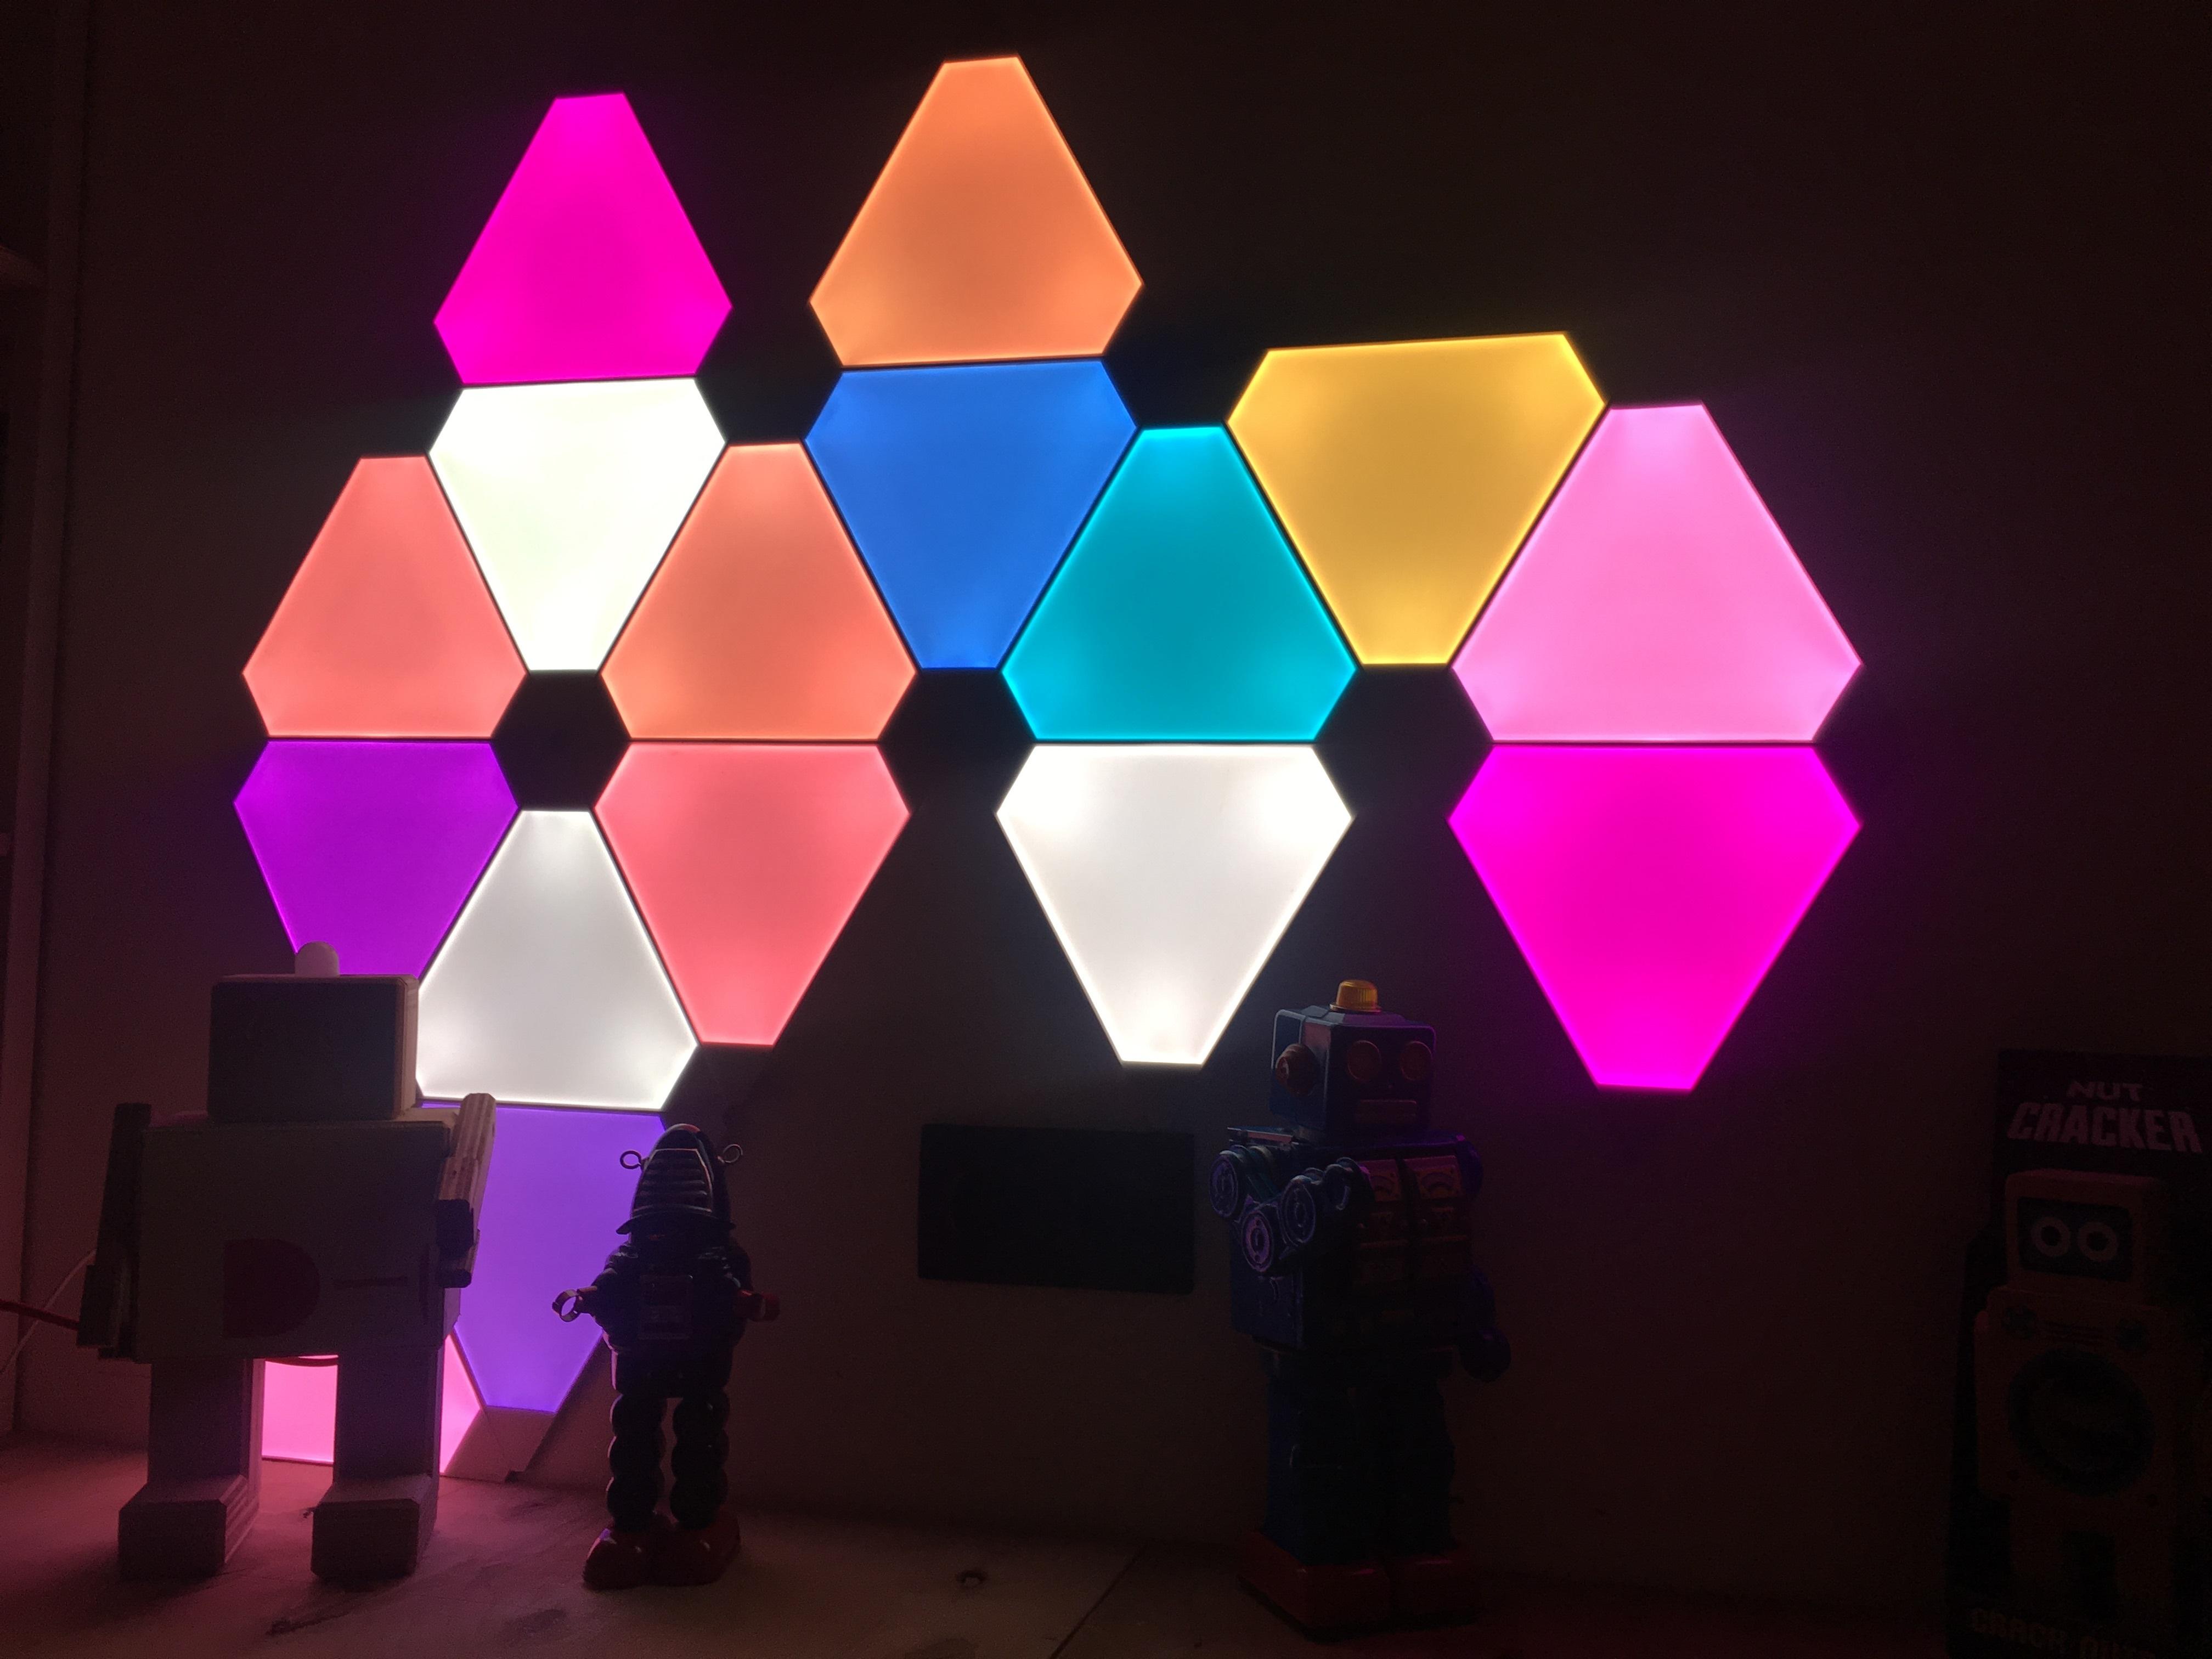 Nanoleaf Aurora Smart Lighting System